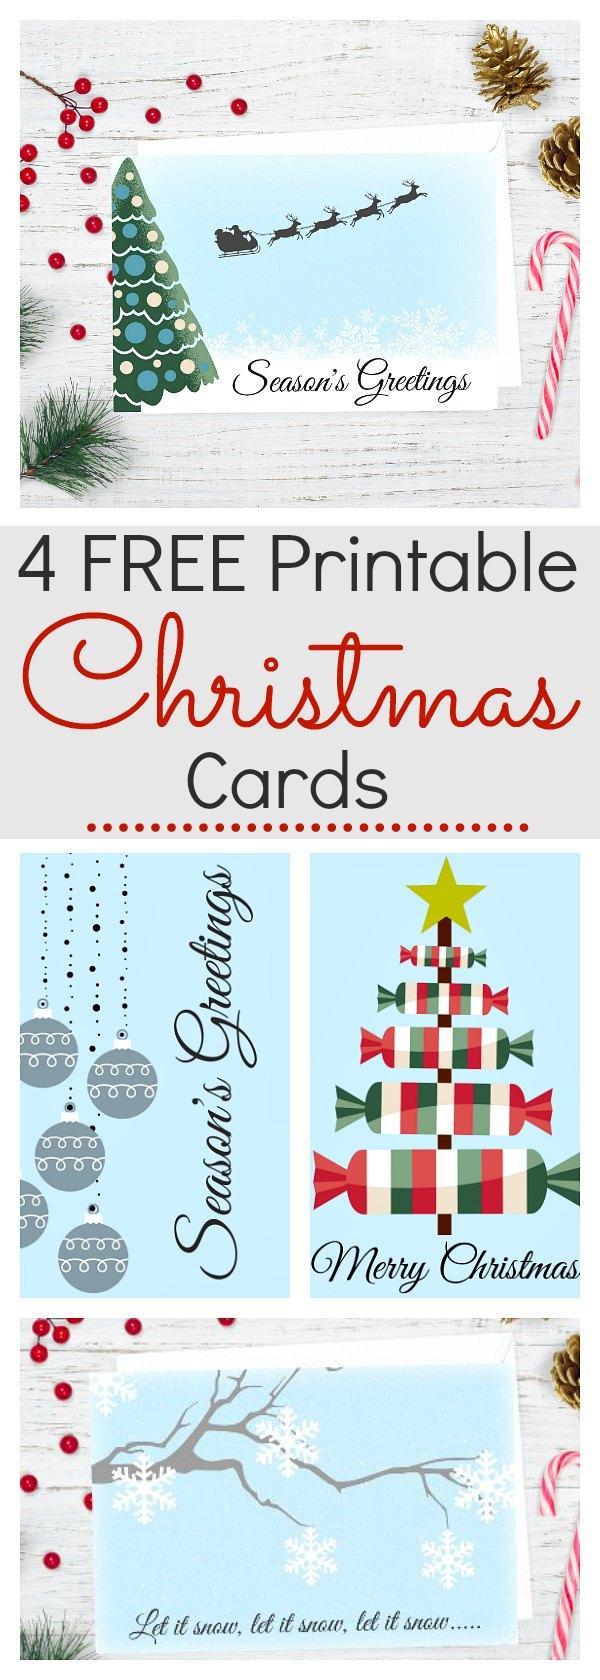 4 free printable Christmas cards